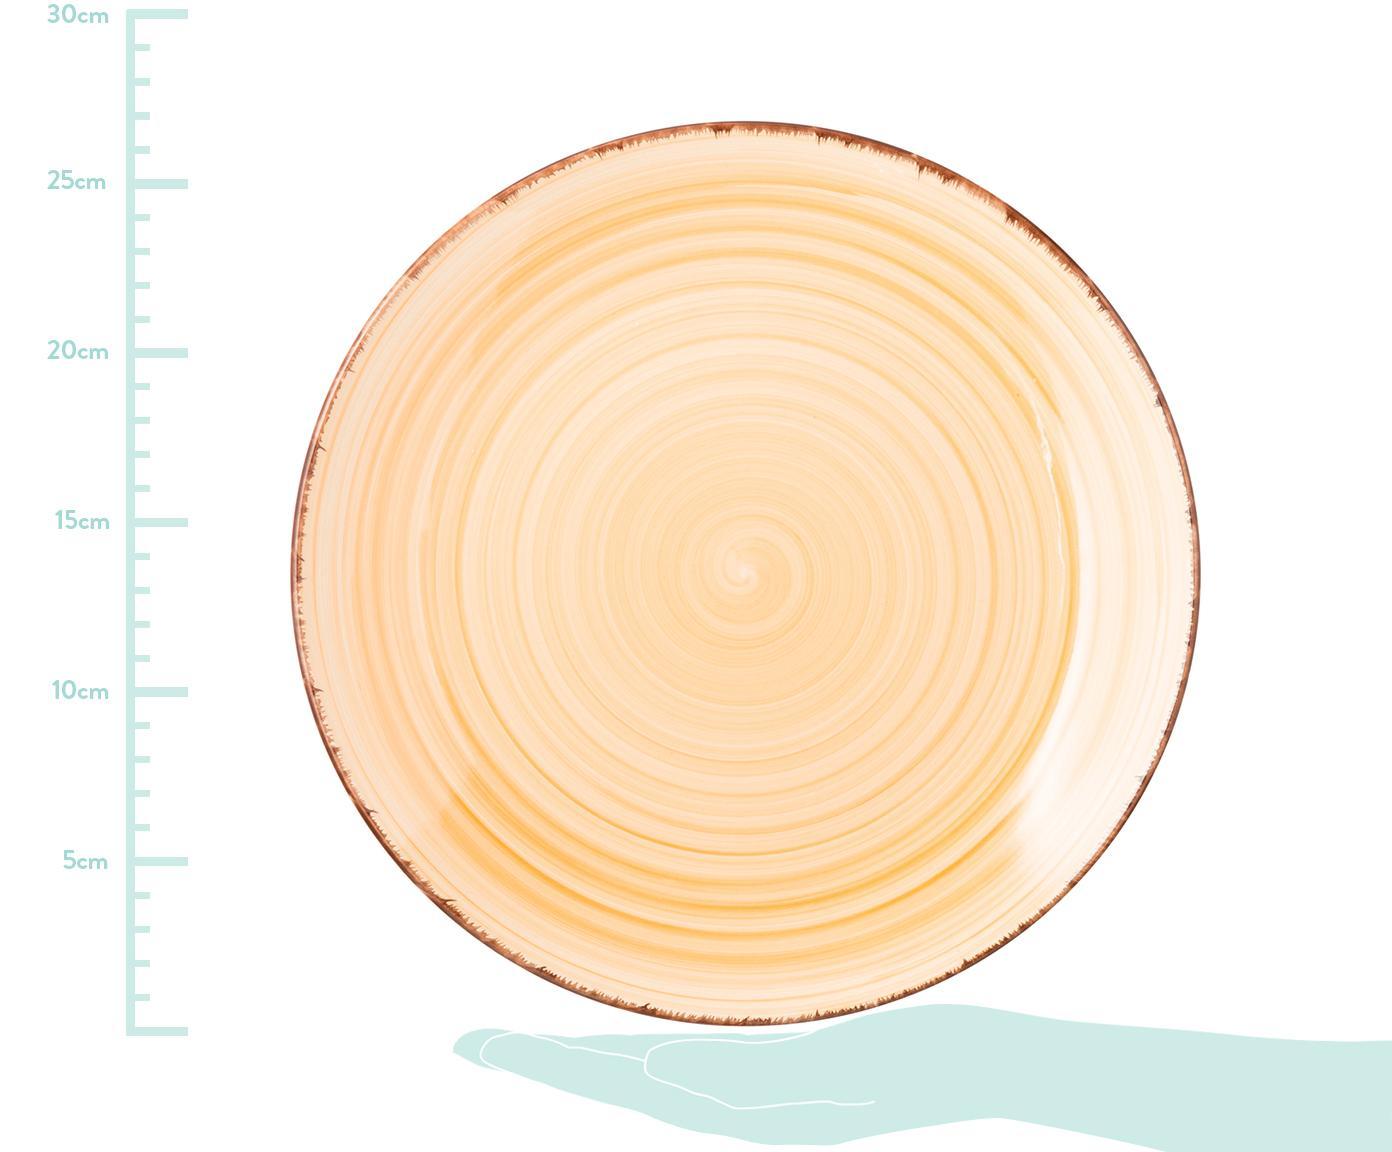 Vajilla artesanales Baita, 6comensales (18pzas.), Gres (dolomita) pintadoamano, Tonos de amarillo y rosa, azul claro, blanco, Set de diferentes tamaños